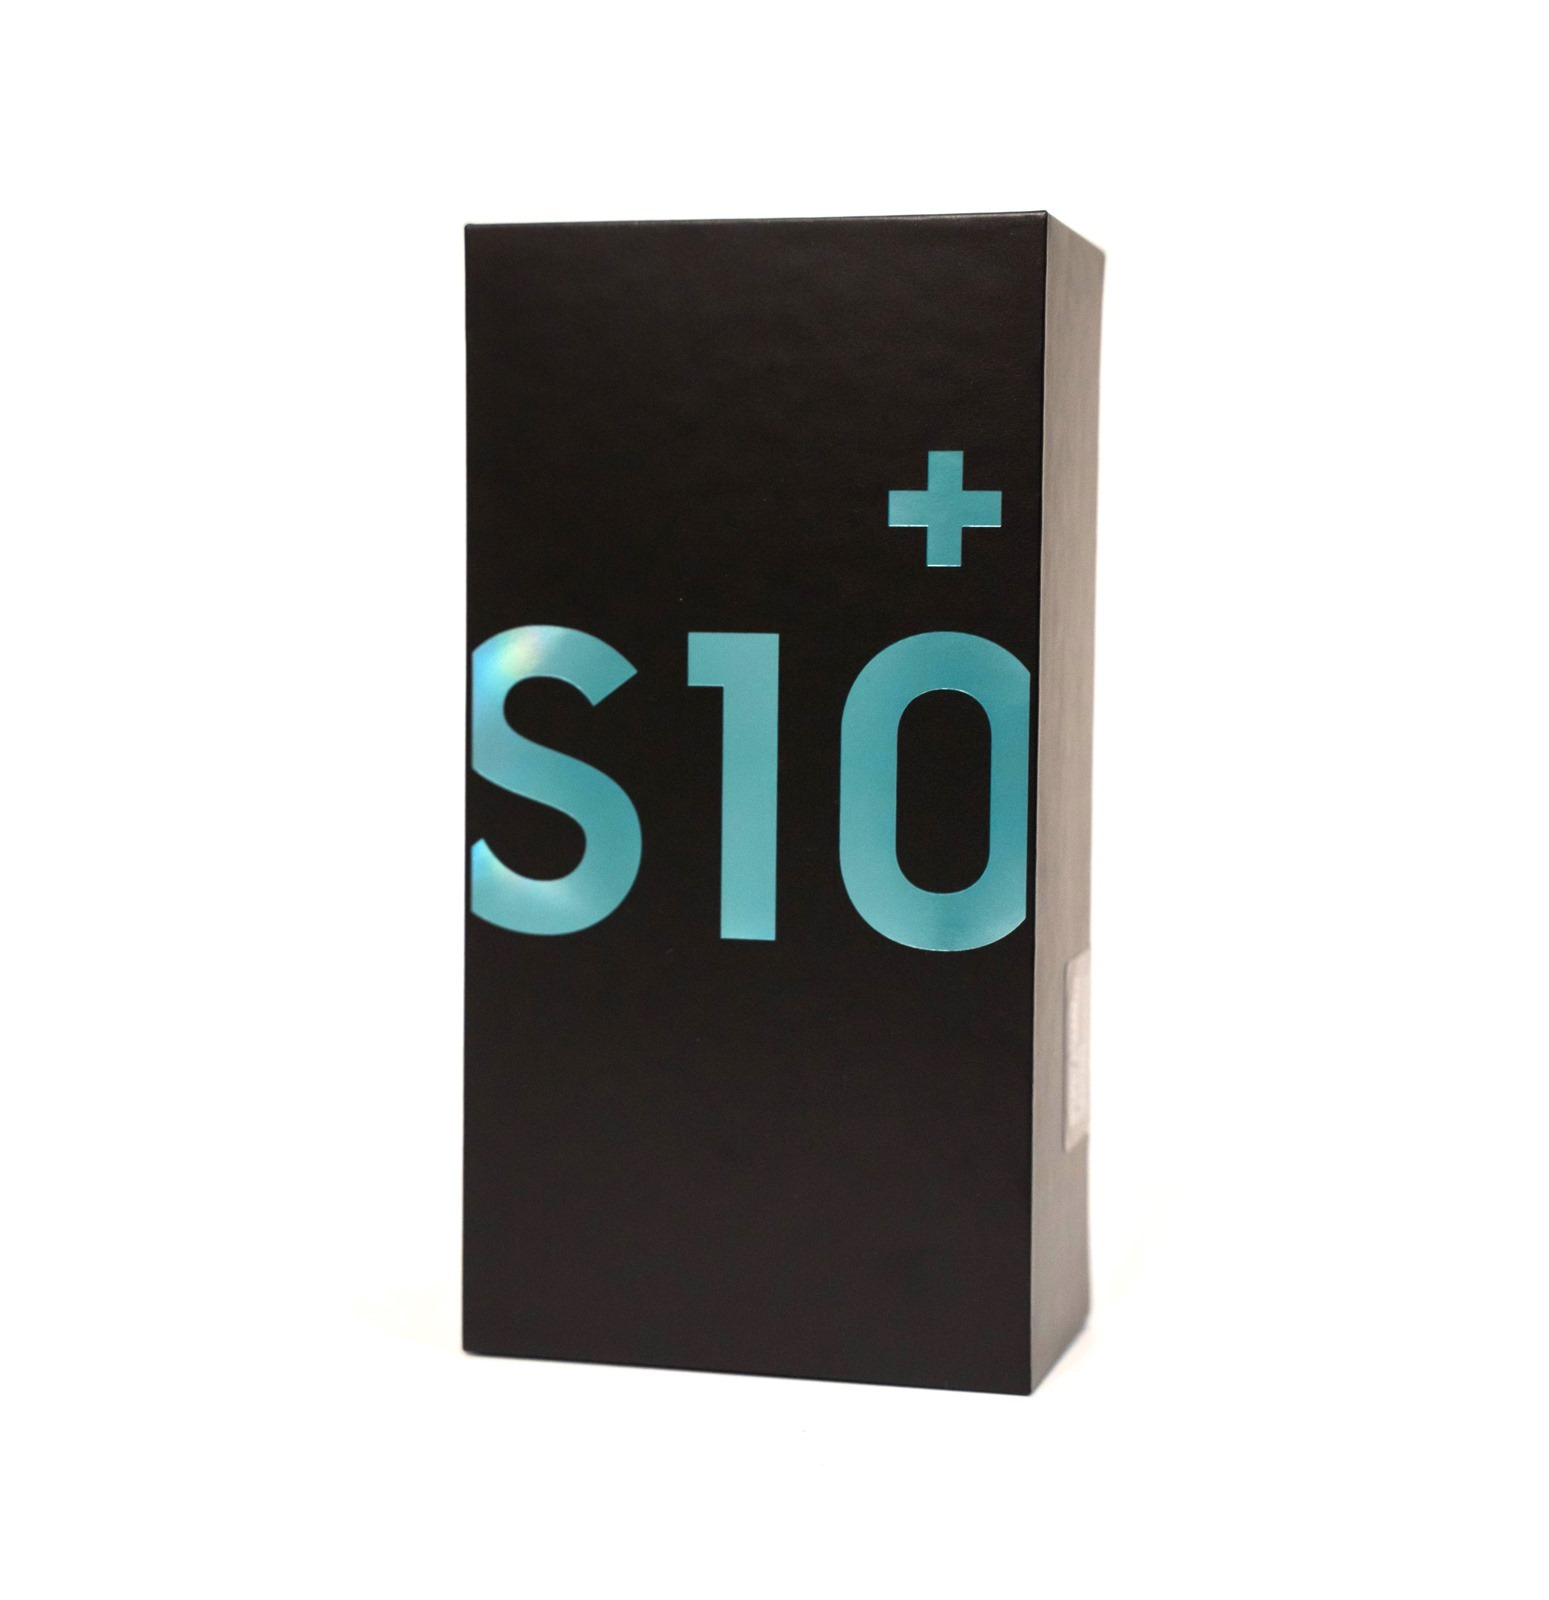 開賣了!Galaxy S10+ 台灣版盒裝開箱 (絢光綠),看看盒中有什麼?(Galaxy S10+ unboxing) @3C 達人廖阿輝